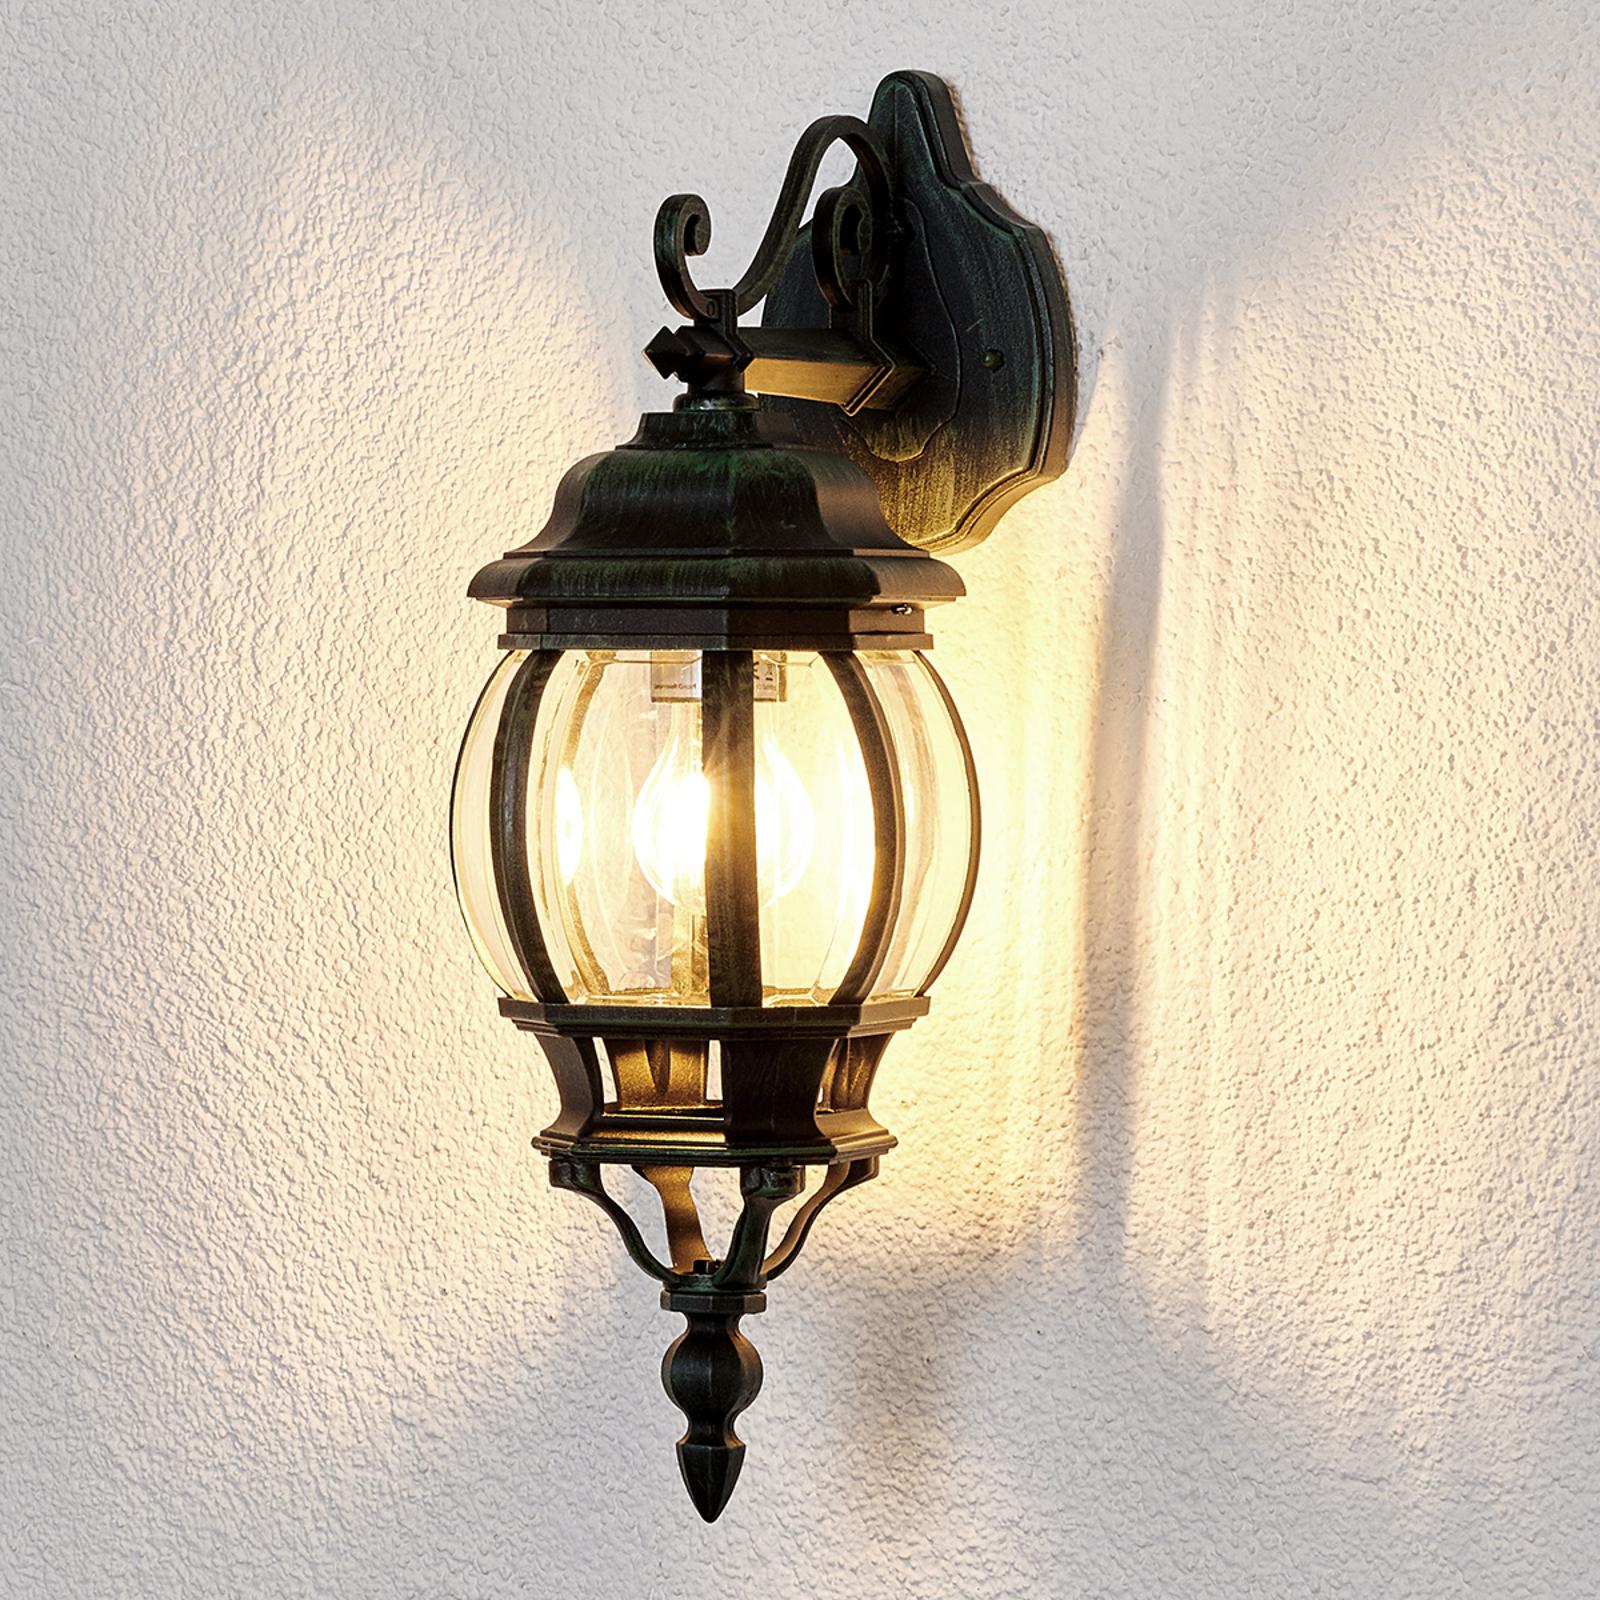 Udendørs væglampe Theodor i antikt look